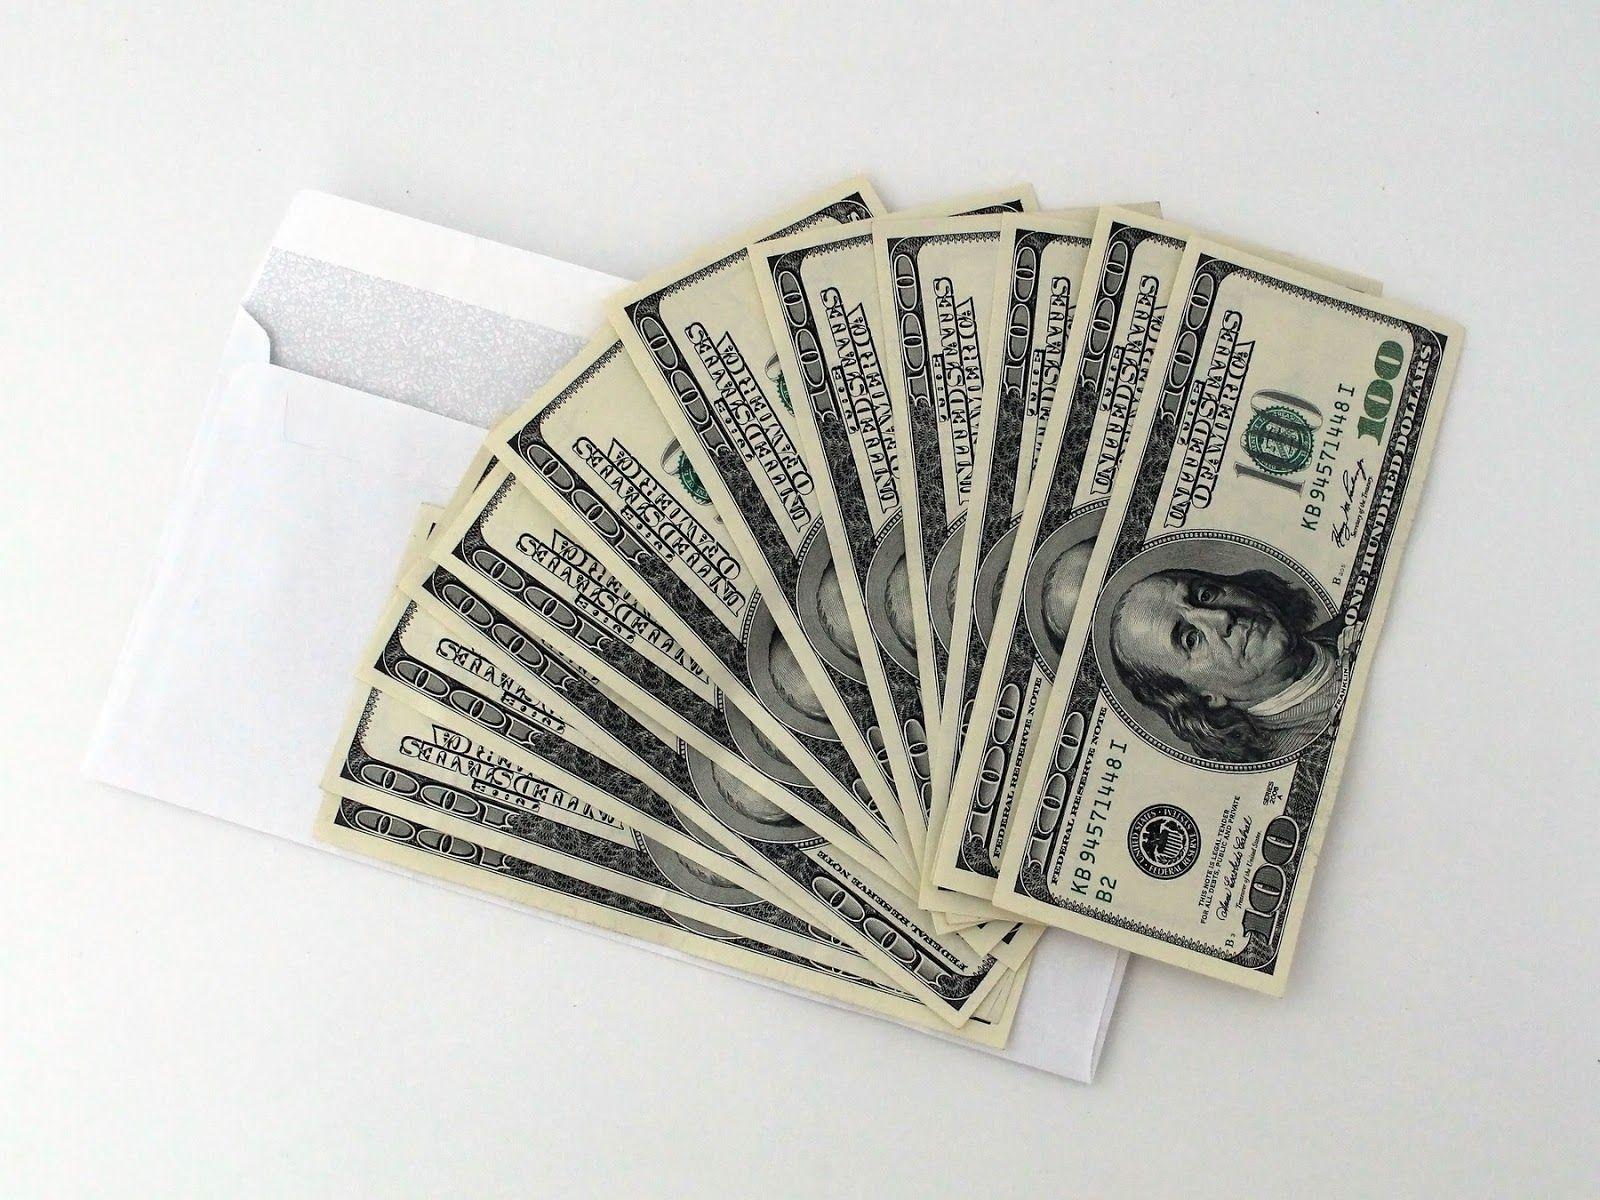 كيفية الربح من الانترنت للمبتدئين 2020 10 طرق حقيقية لـ ربح المال و تحقيق ثروة على الانترنت كيفية Paying Off Student Loans Payday Loans Emergency Fund